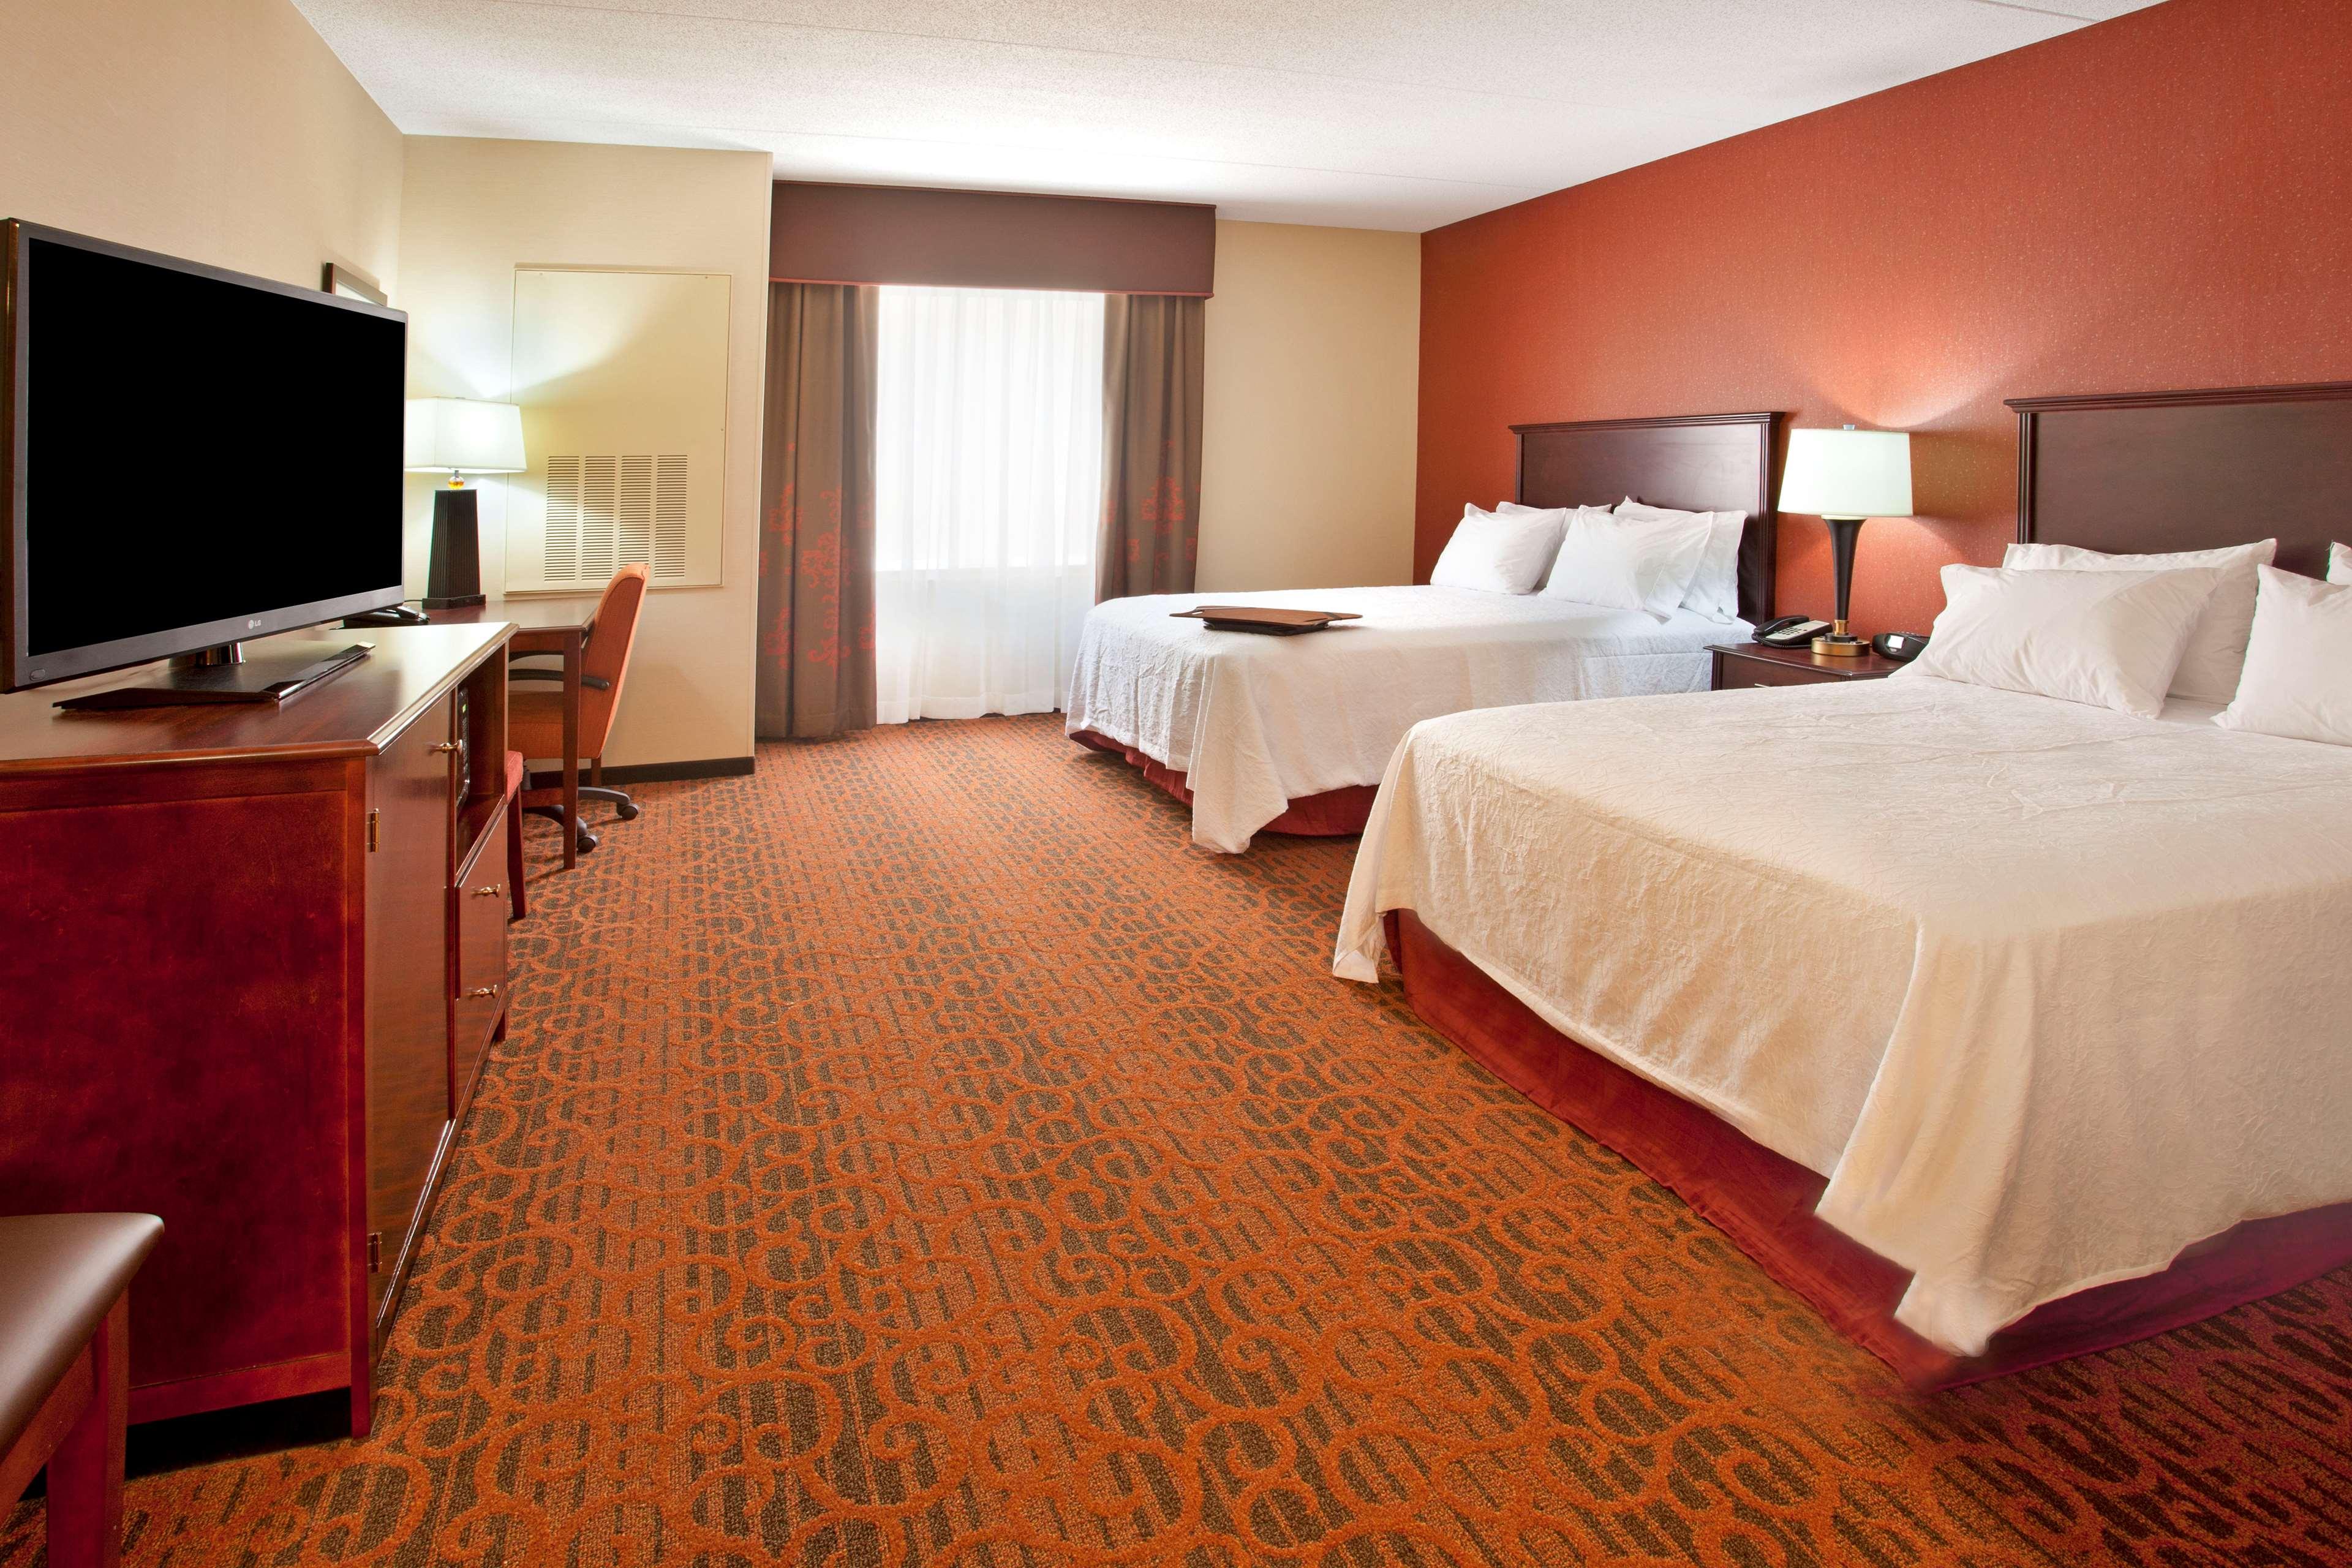 Hampton Inn Suites Minneapolis St Paul Arpt-Mall of America image 21